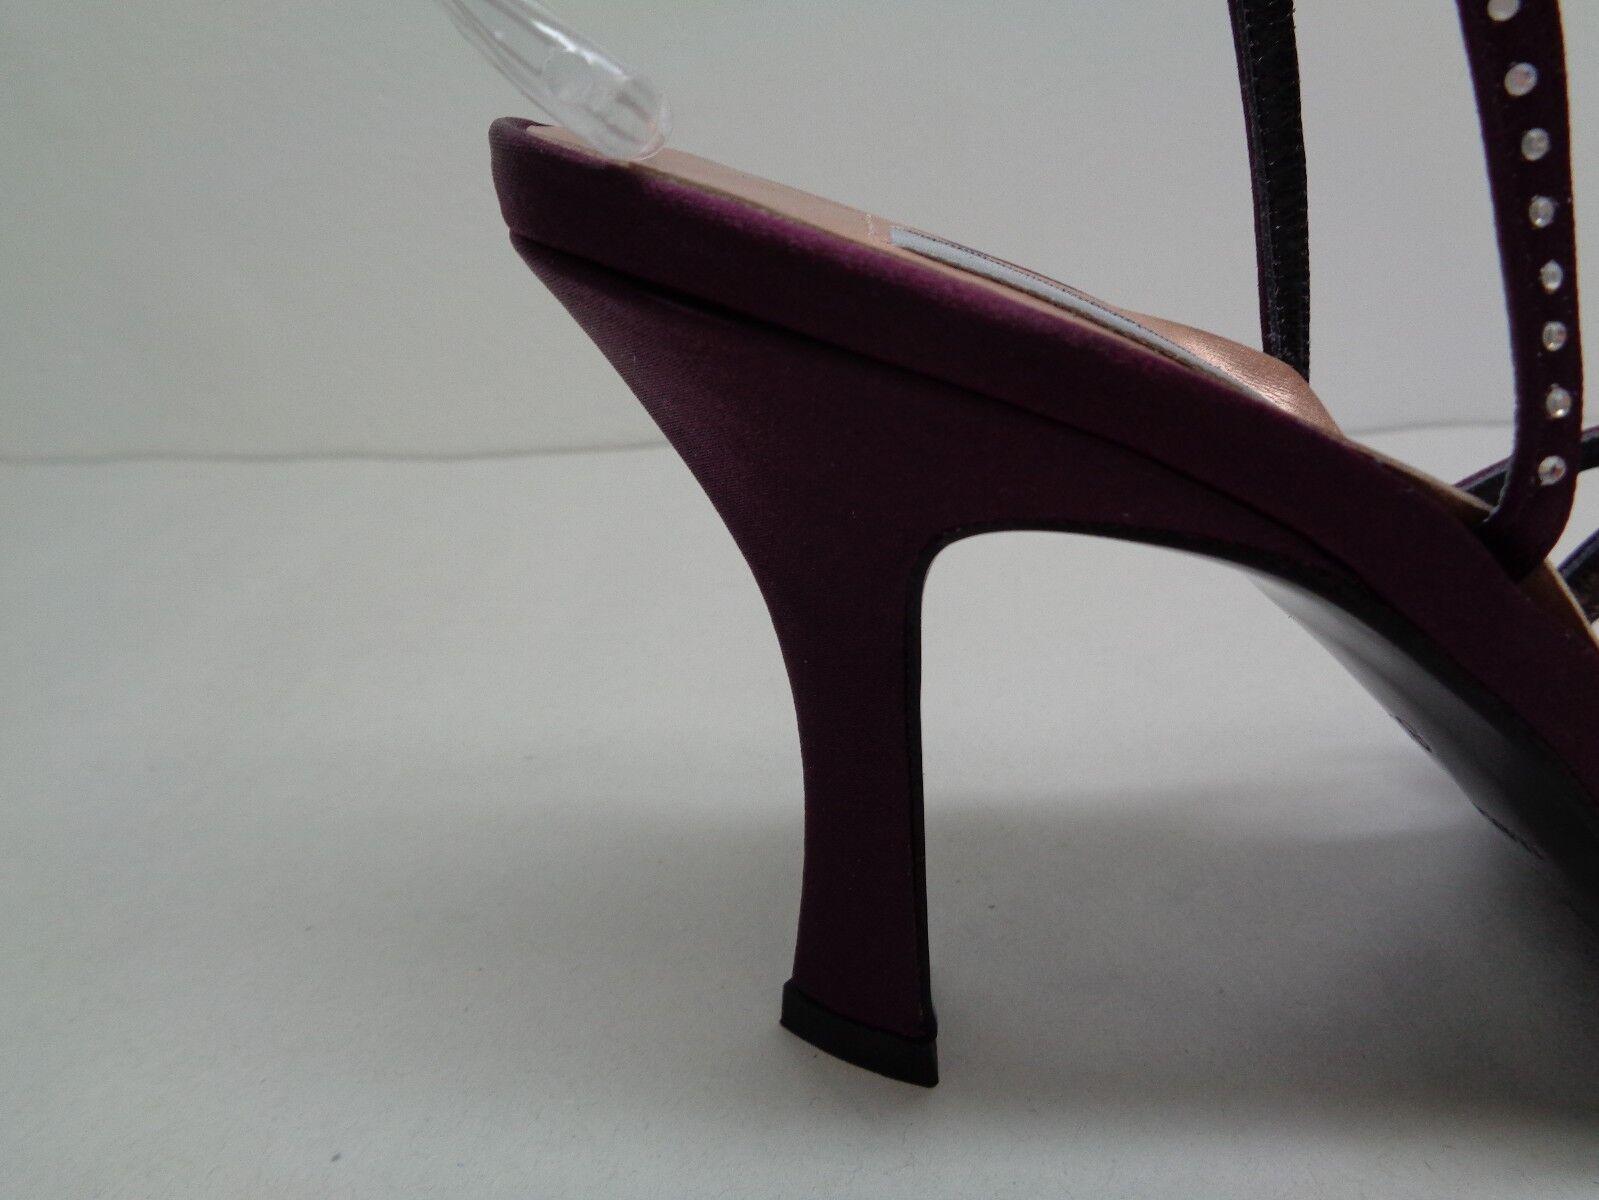 Shaw Größe 8.5 M L2869180 Purple Purple L2869180 Satin Jewel Heels Sandales New Damenschuhe Schuhes aec877